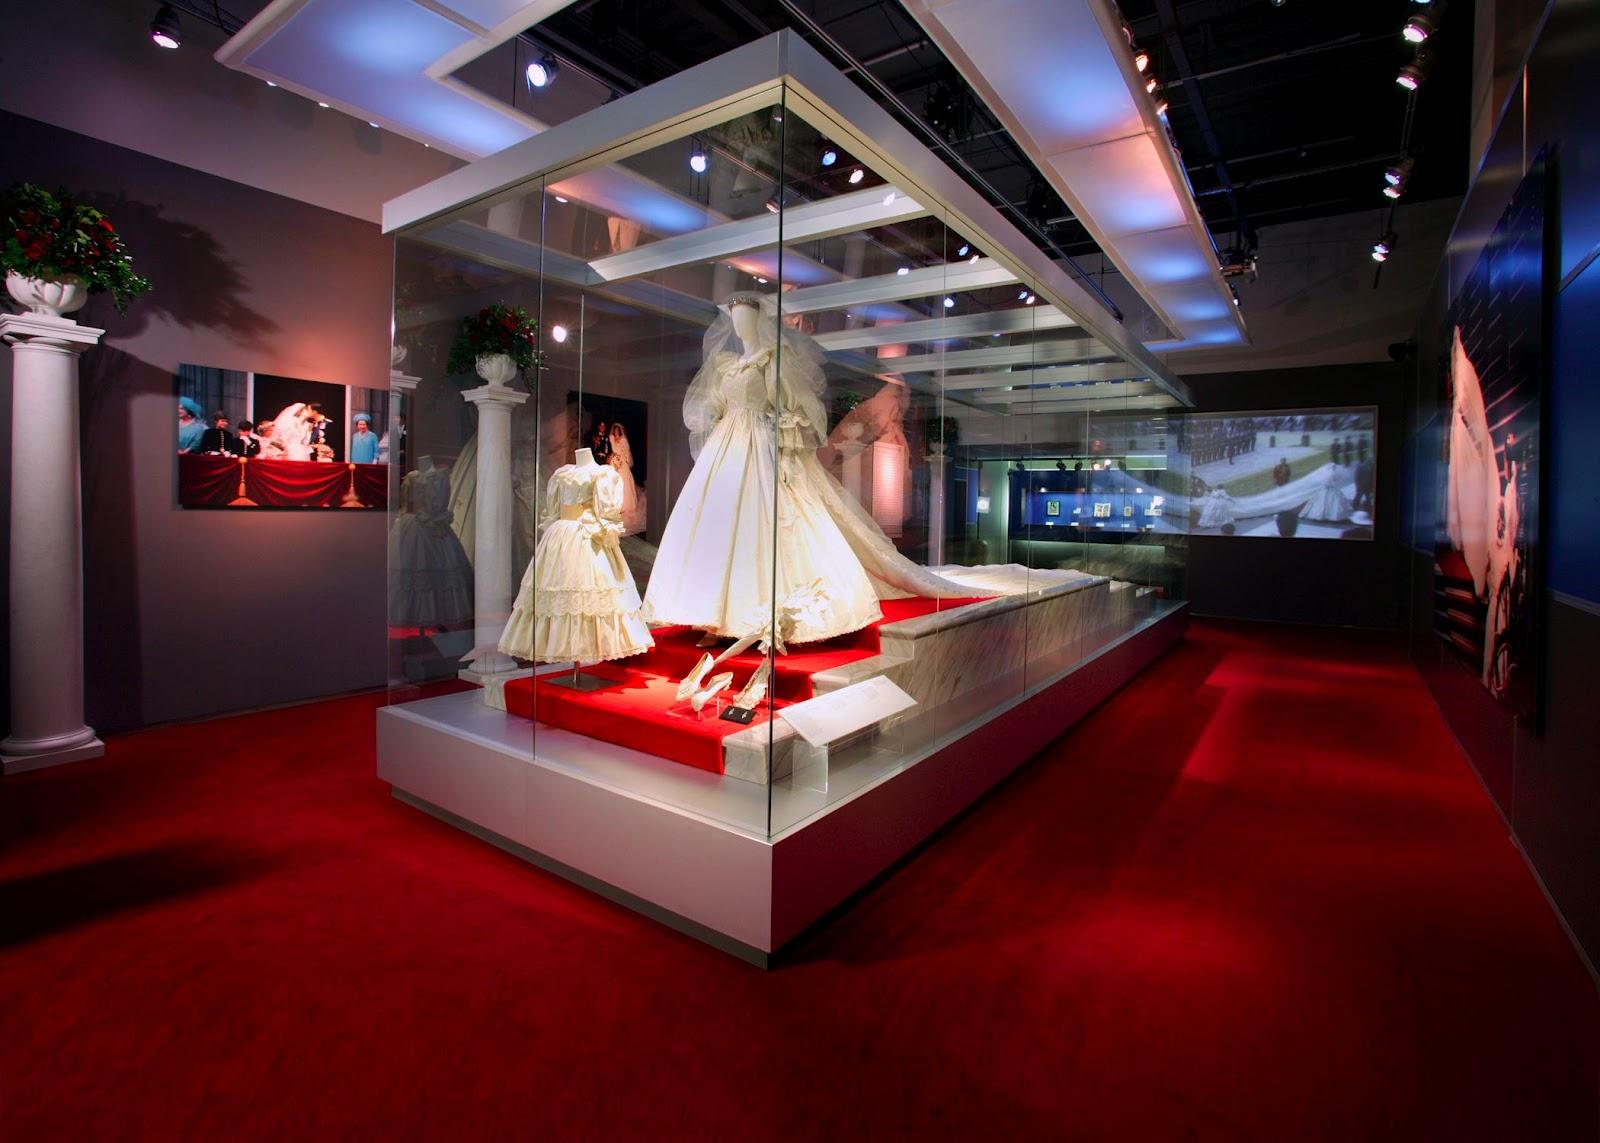 http://2.bp.blogspot.com/-7_Tt9NRCD9A/UFogZpLSmtI/AAAAAAAAEvU/MyB_7tDPYdA/s1600/wedding-gallery-low-res.jpg